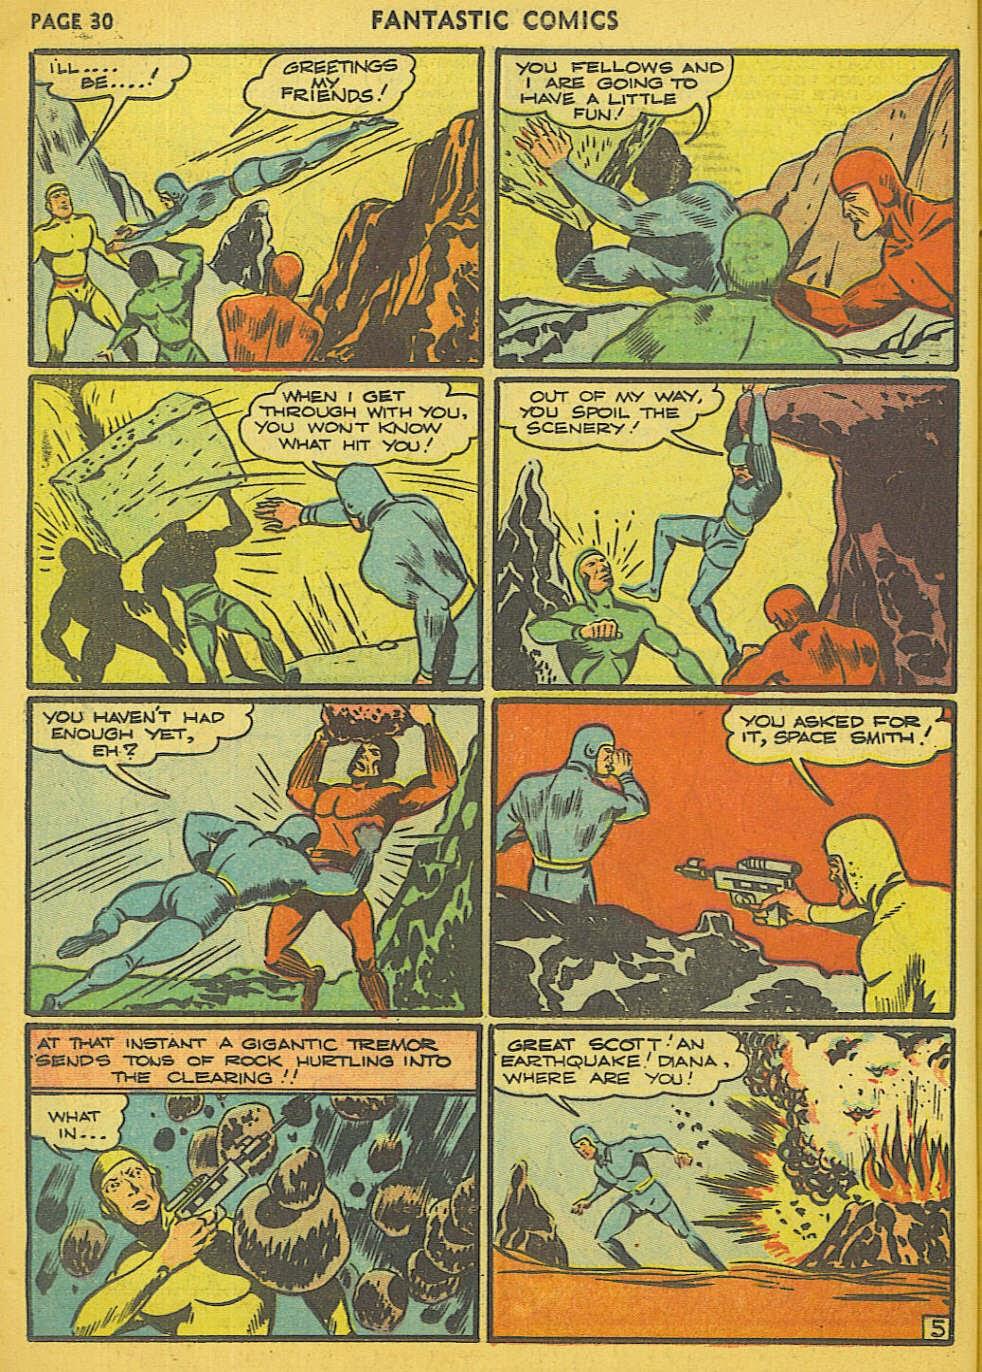 Read online Fantastic Comics comic -  Issue #15 - 25